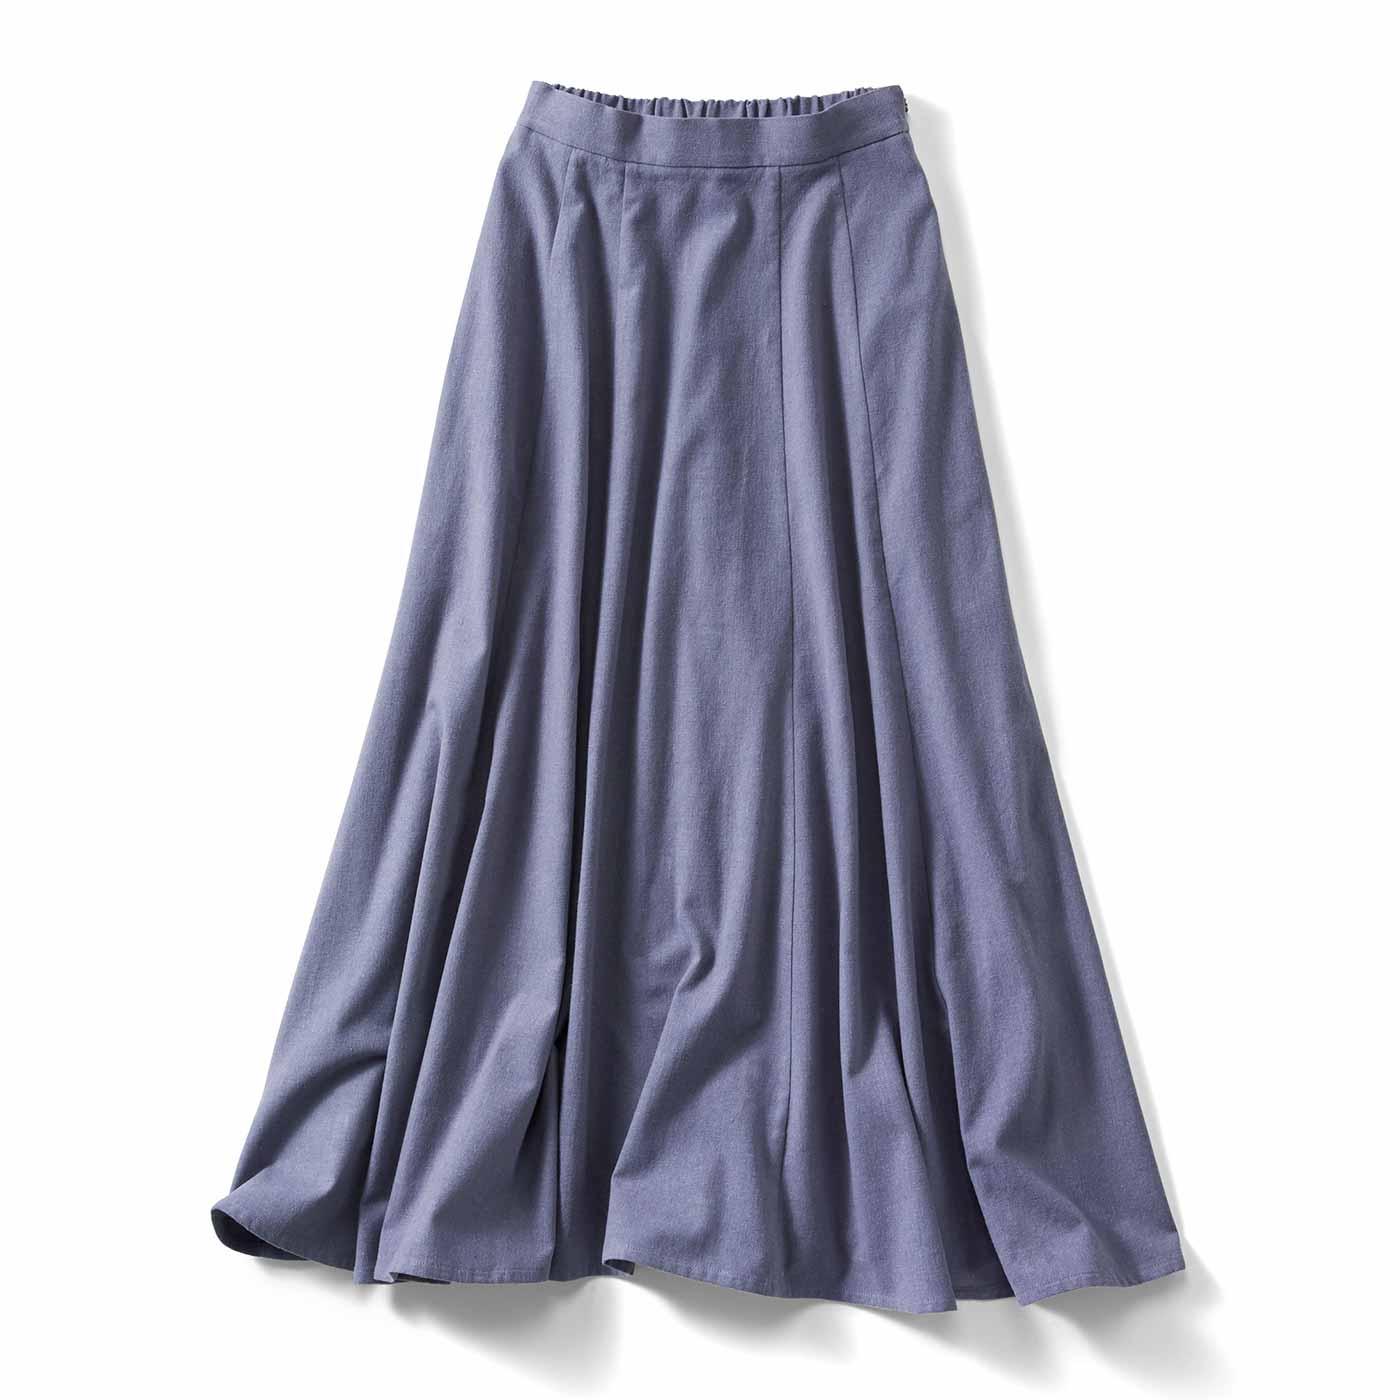 綿麻起毛スカート〈ブルー〉IE